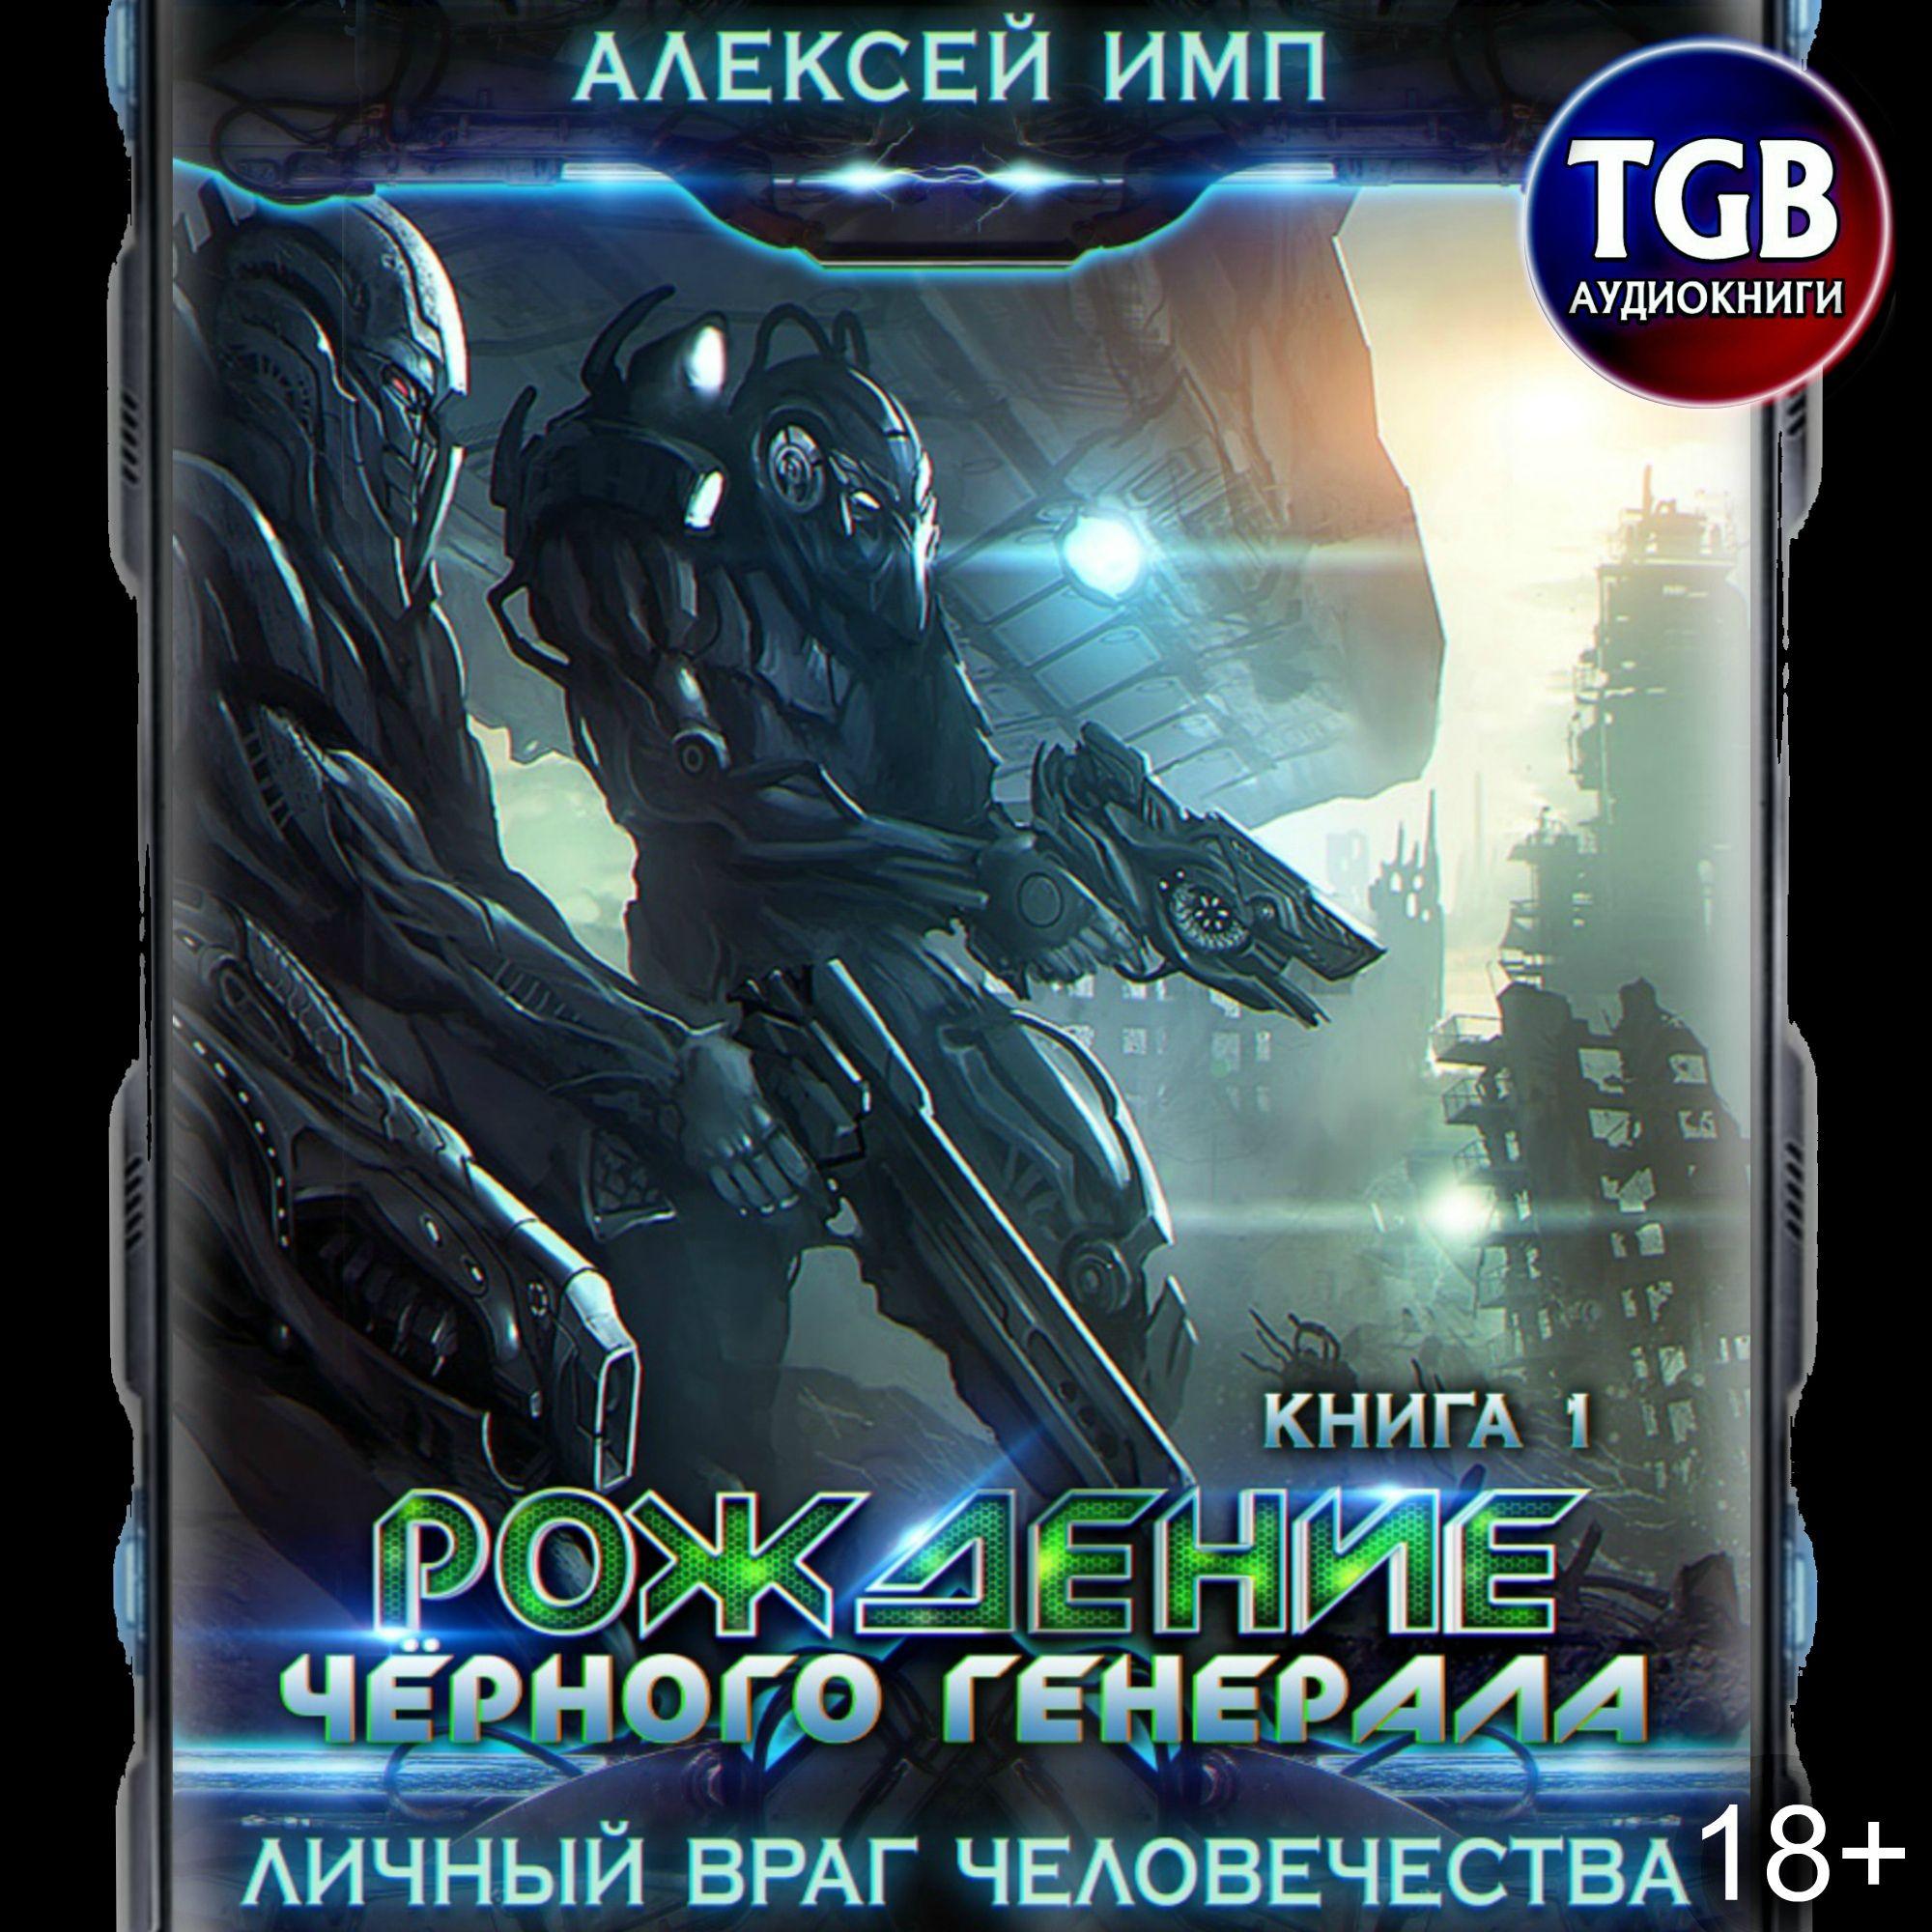 Купить книгу Рождение Черного генерала, автора Алексея Импа